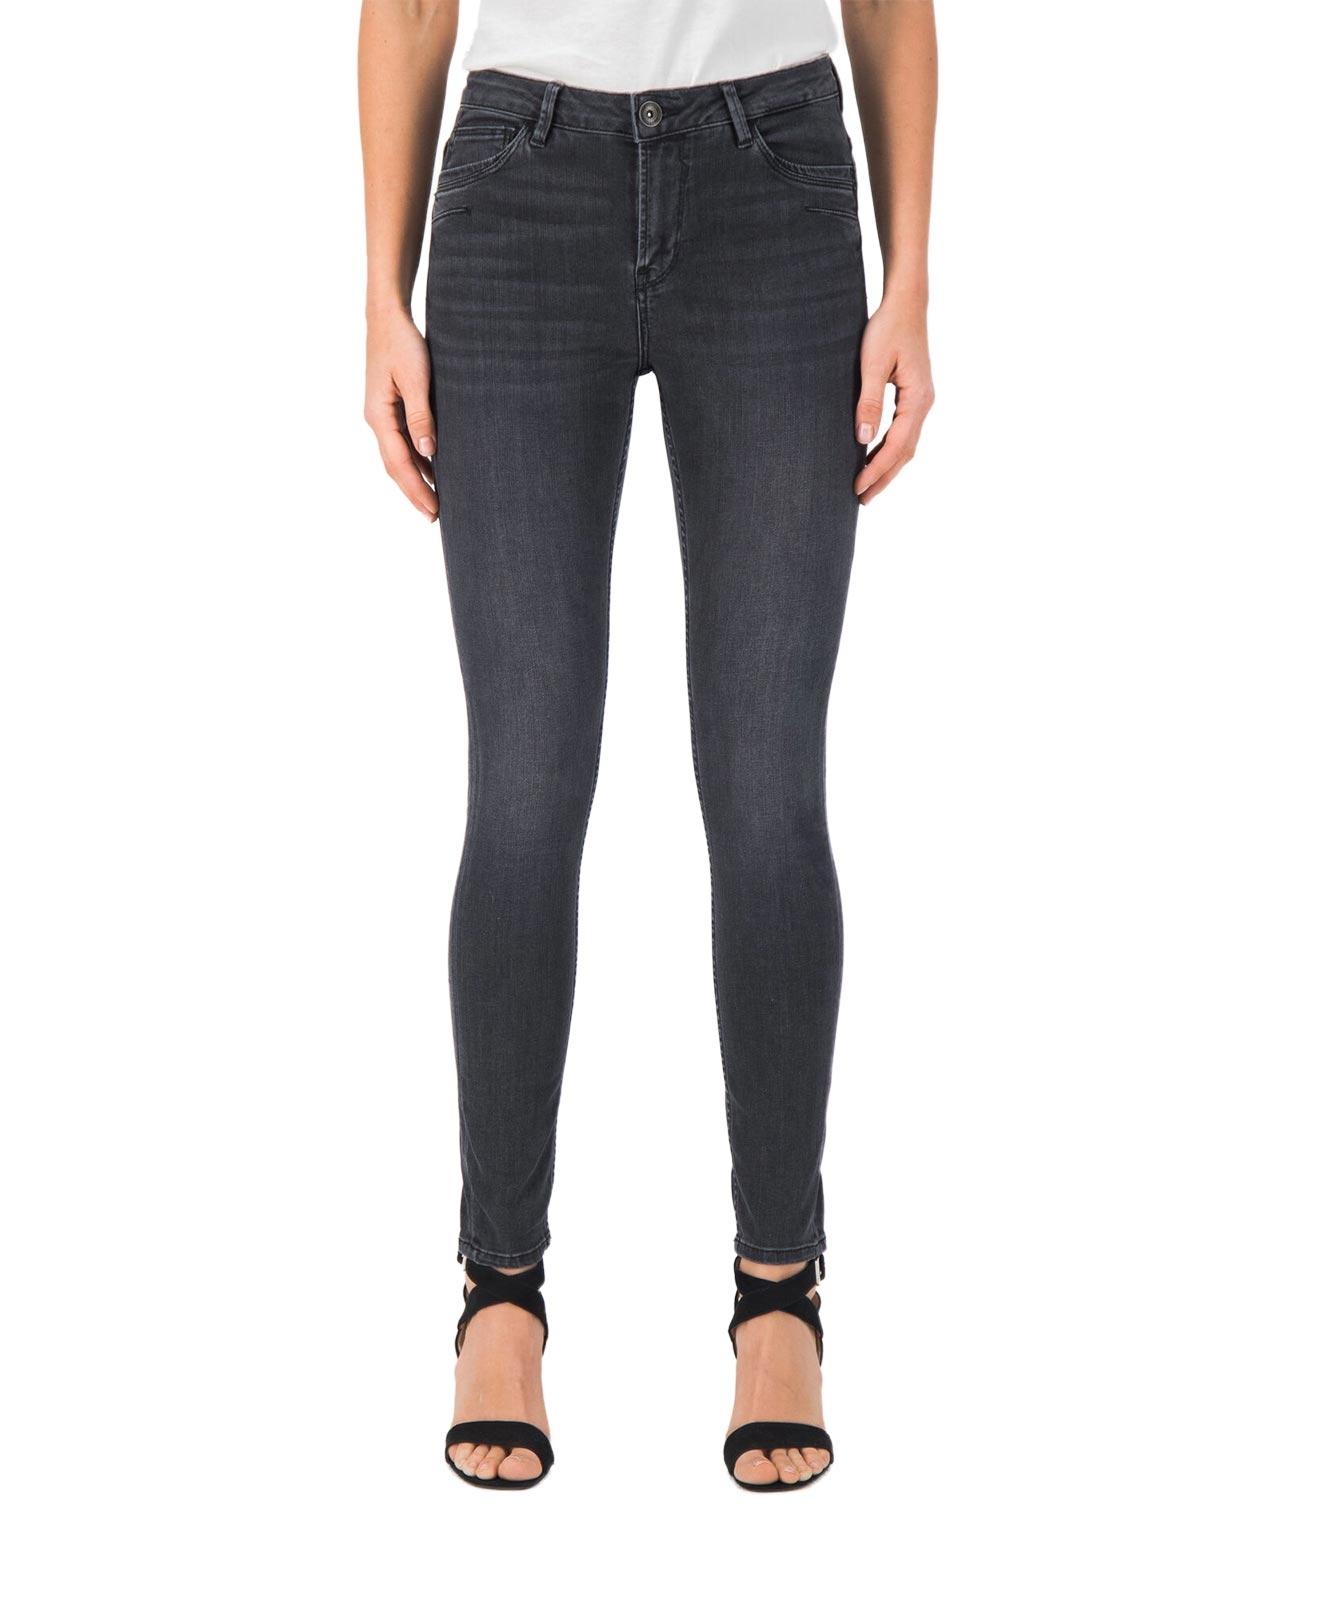 Hosen - Garcia Slim Fit Jeans Celia in Medium Used Grey  - Onlineshop Jeans Meile